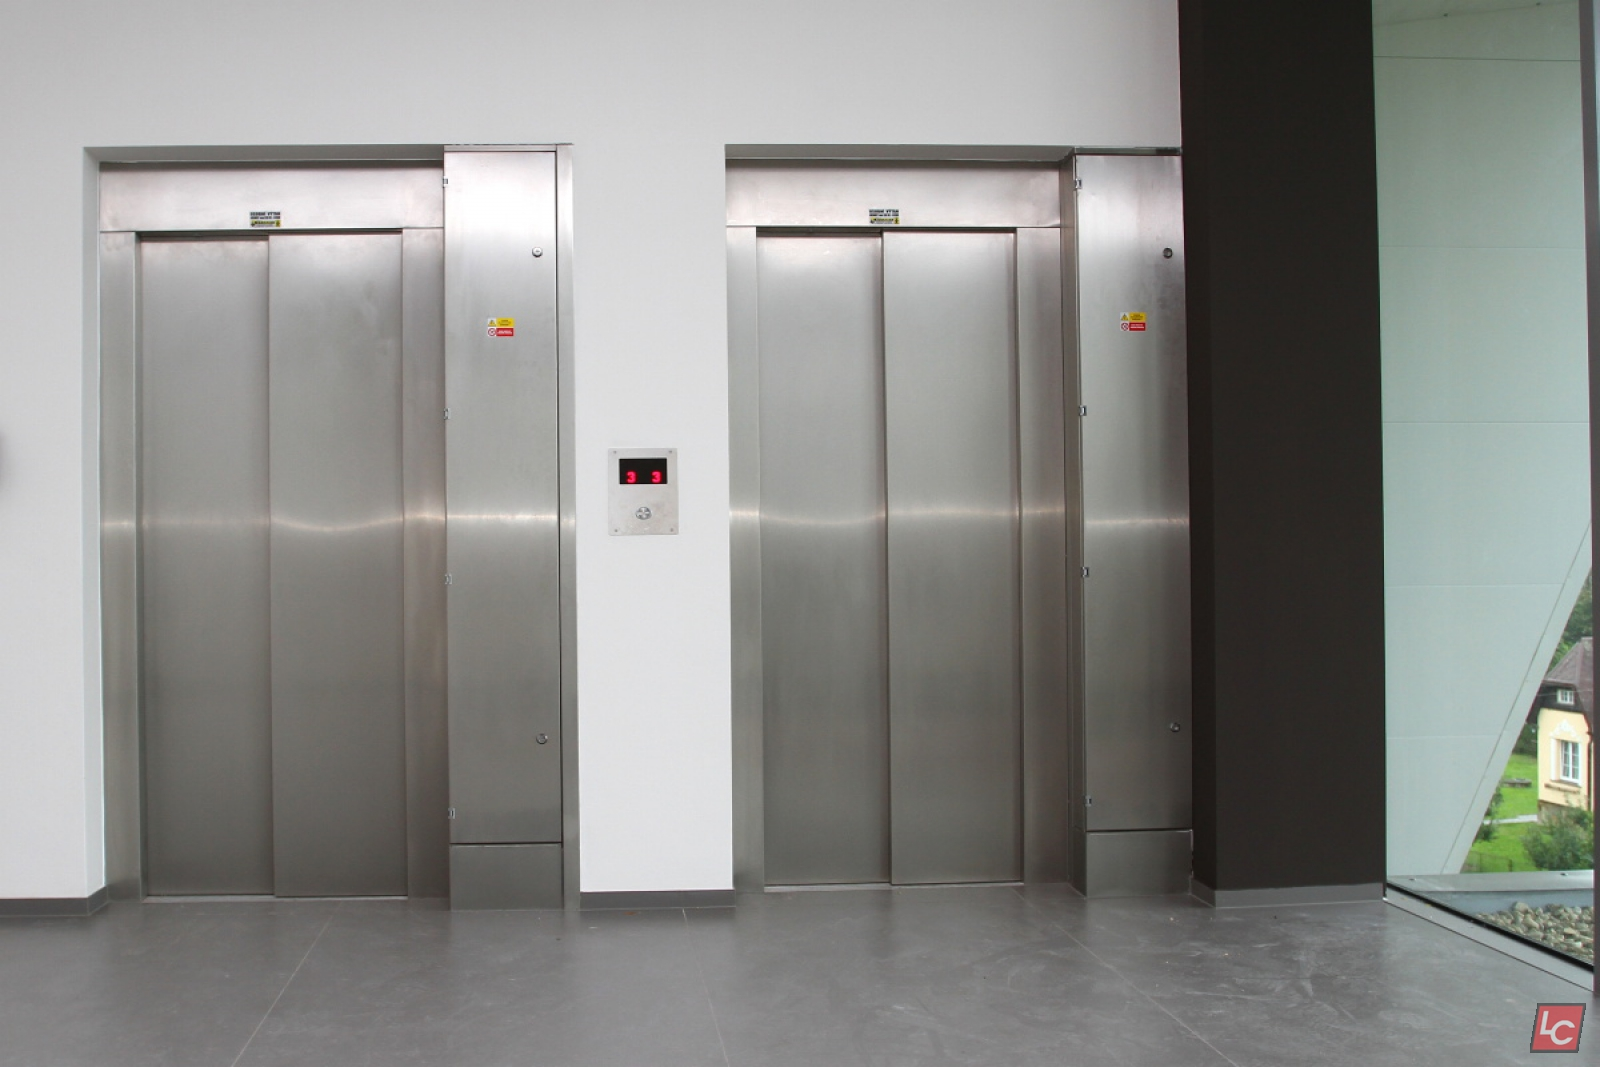 Stainless Steel Elevators : Lift doors stainless steel elevator in